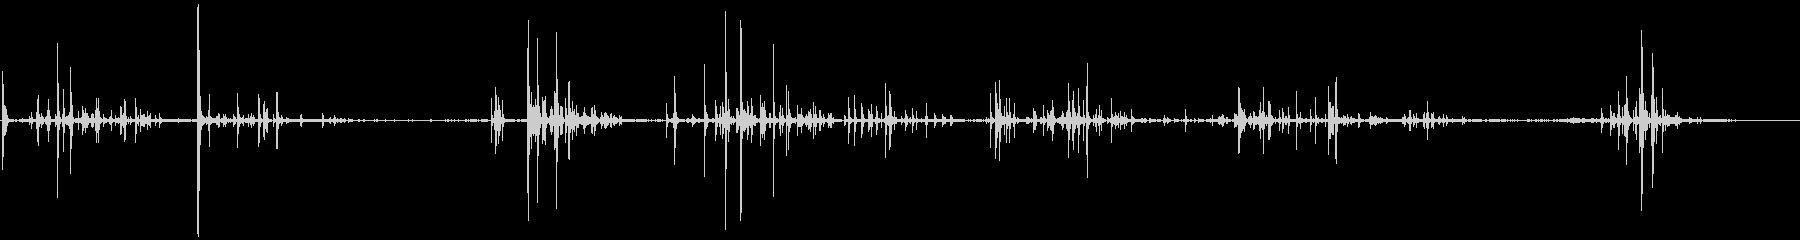 スモールロックスタンブリングダウン...の未再生の波形